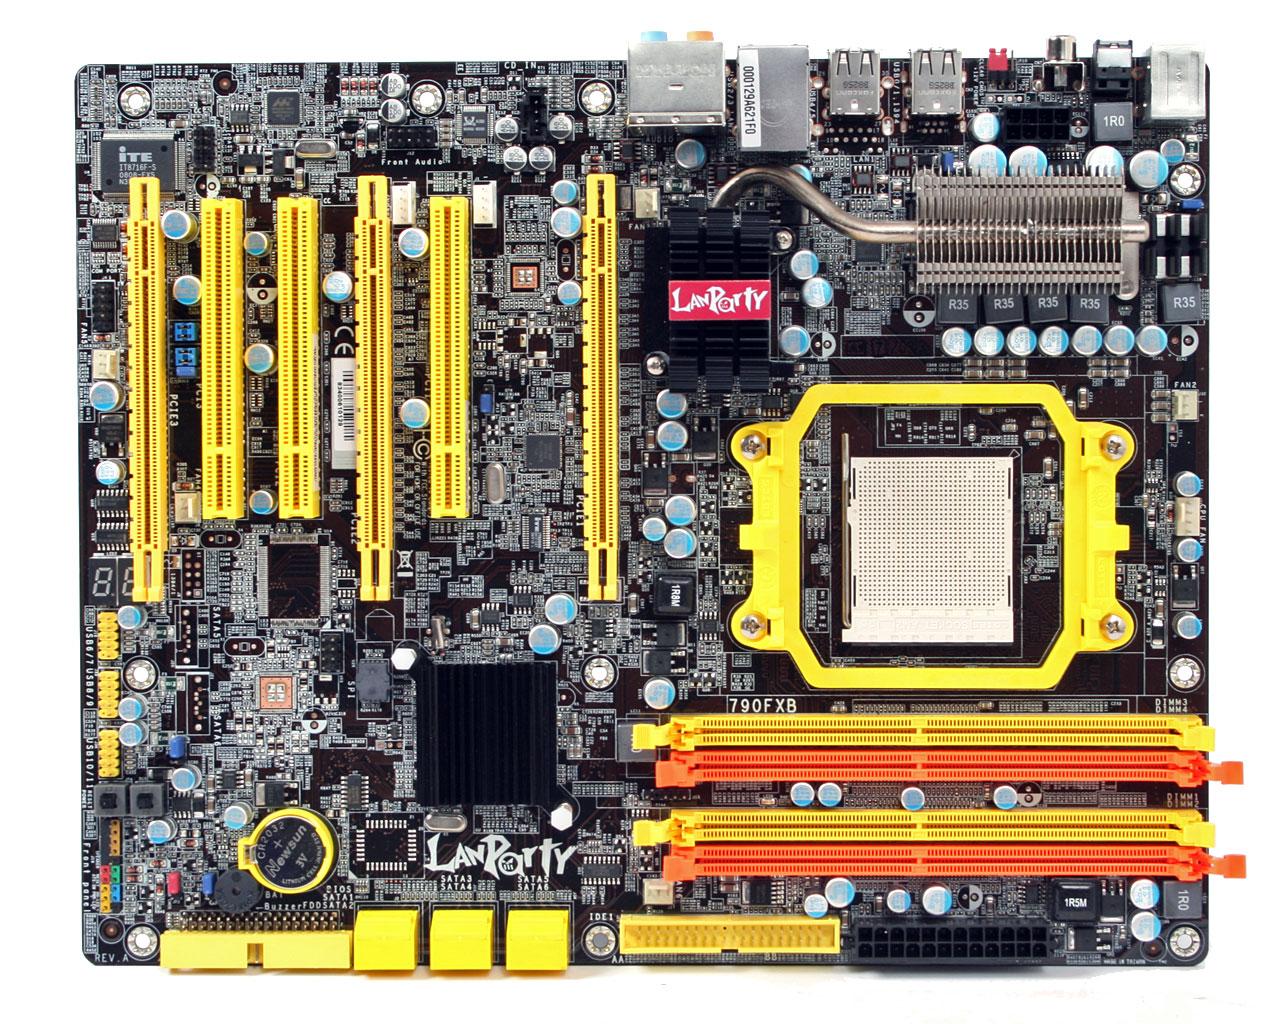 Dfi Lanparty Dk 790fx B M2rsh Bit Tech Net